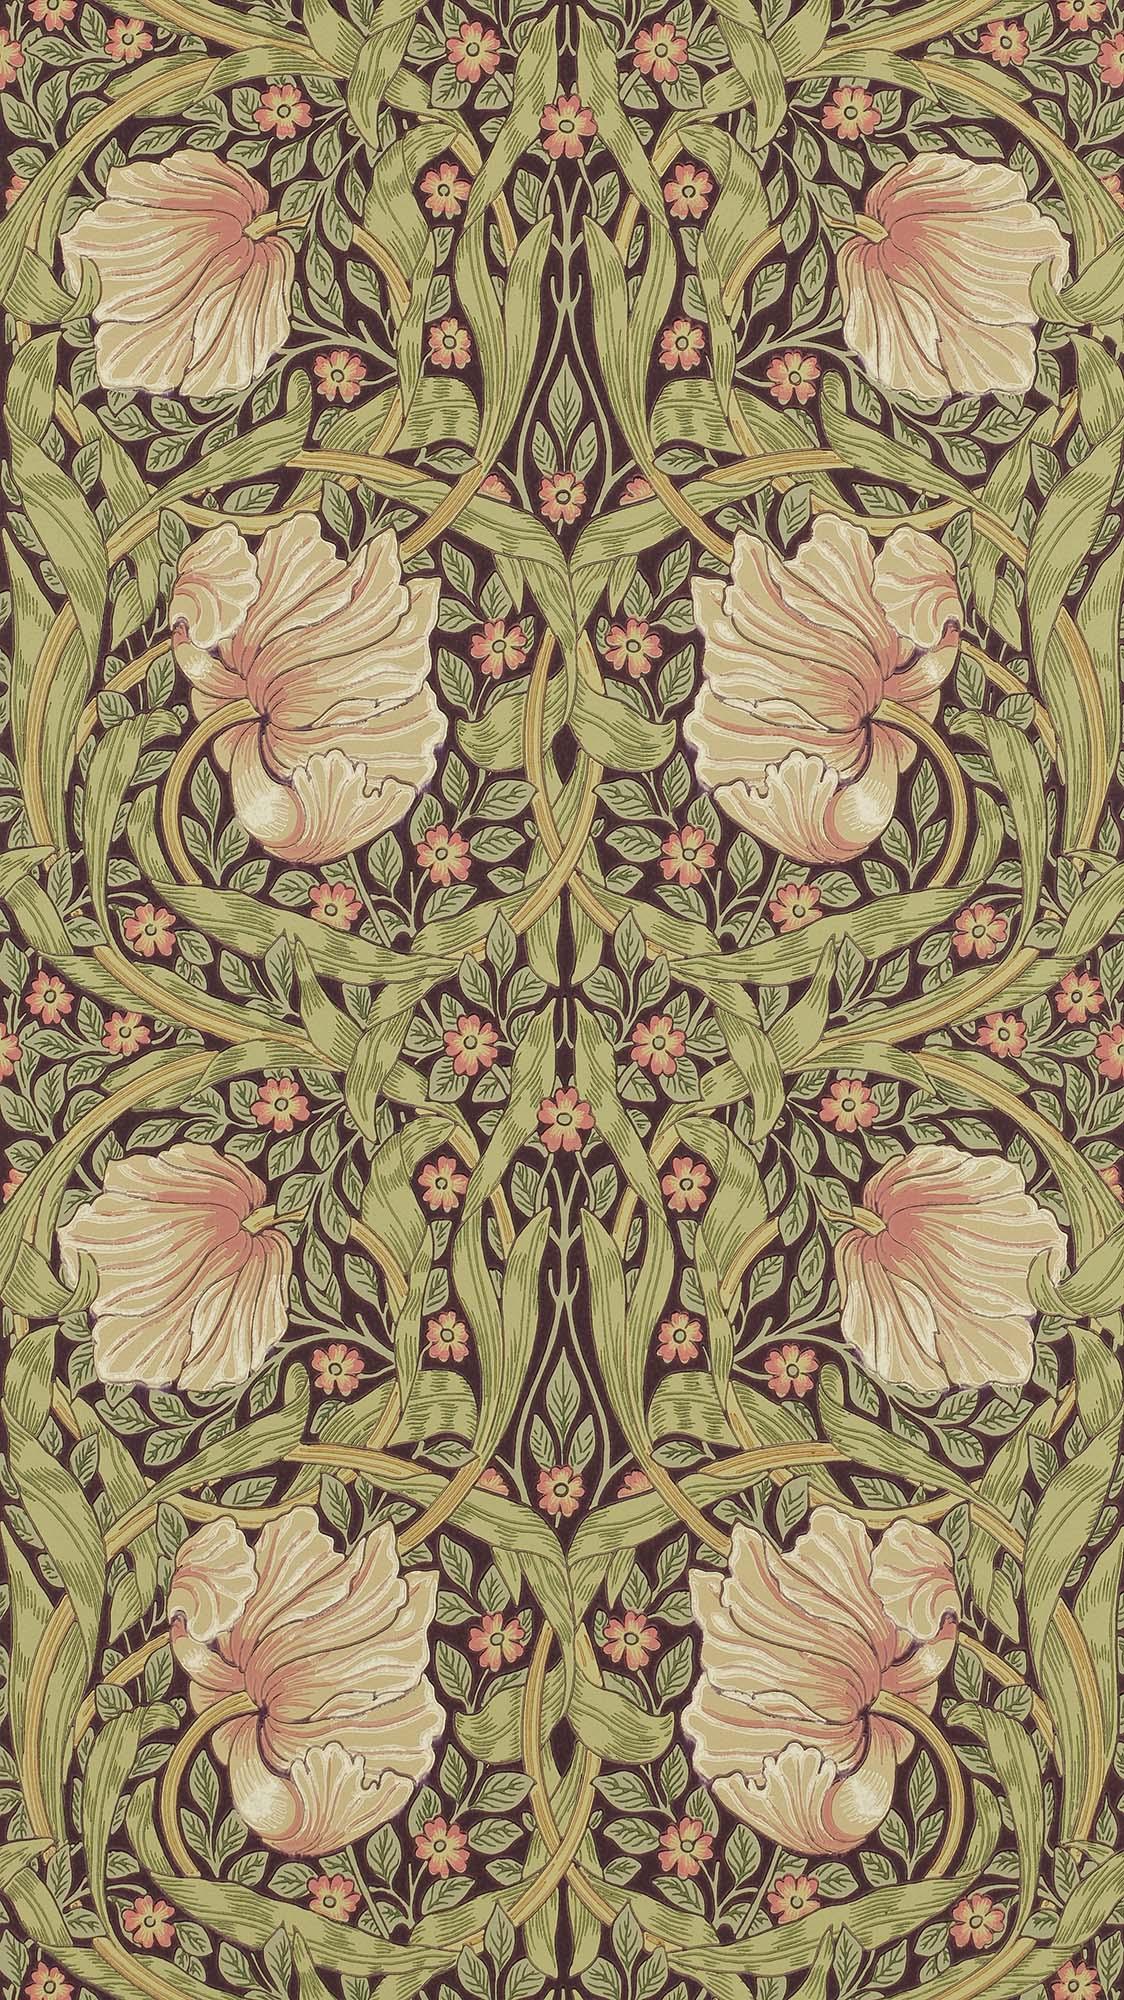 ウィリアムモリス壁紙 Pimpernel 210387